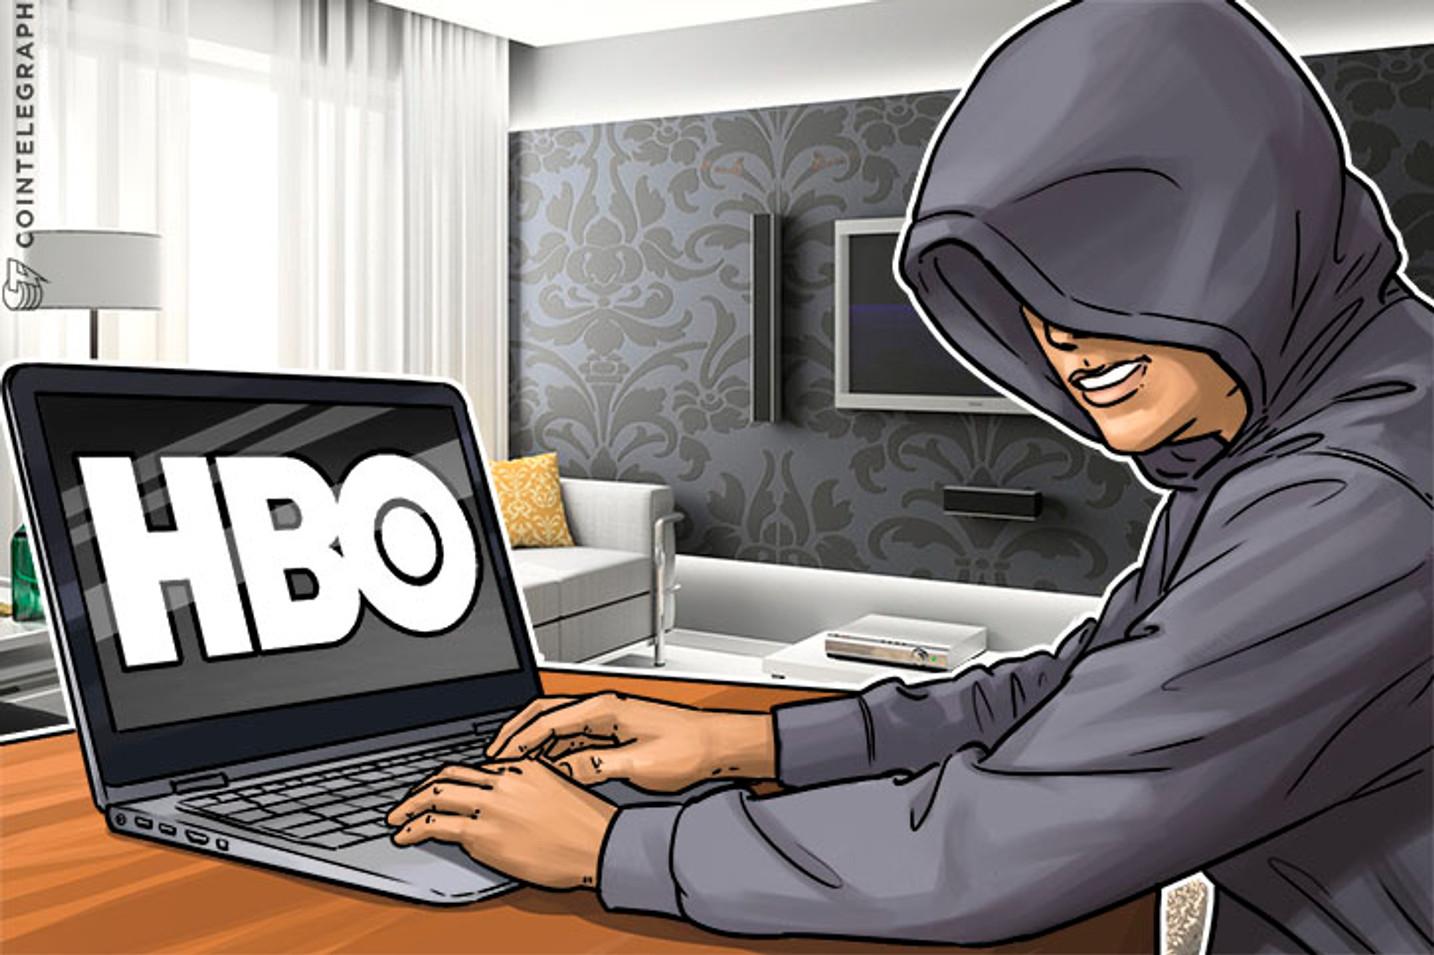 Apuesta doble de HBO por $250,000 Bitcoin falla mientras los hackers continúan con robos